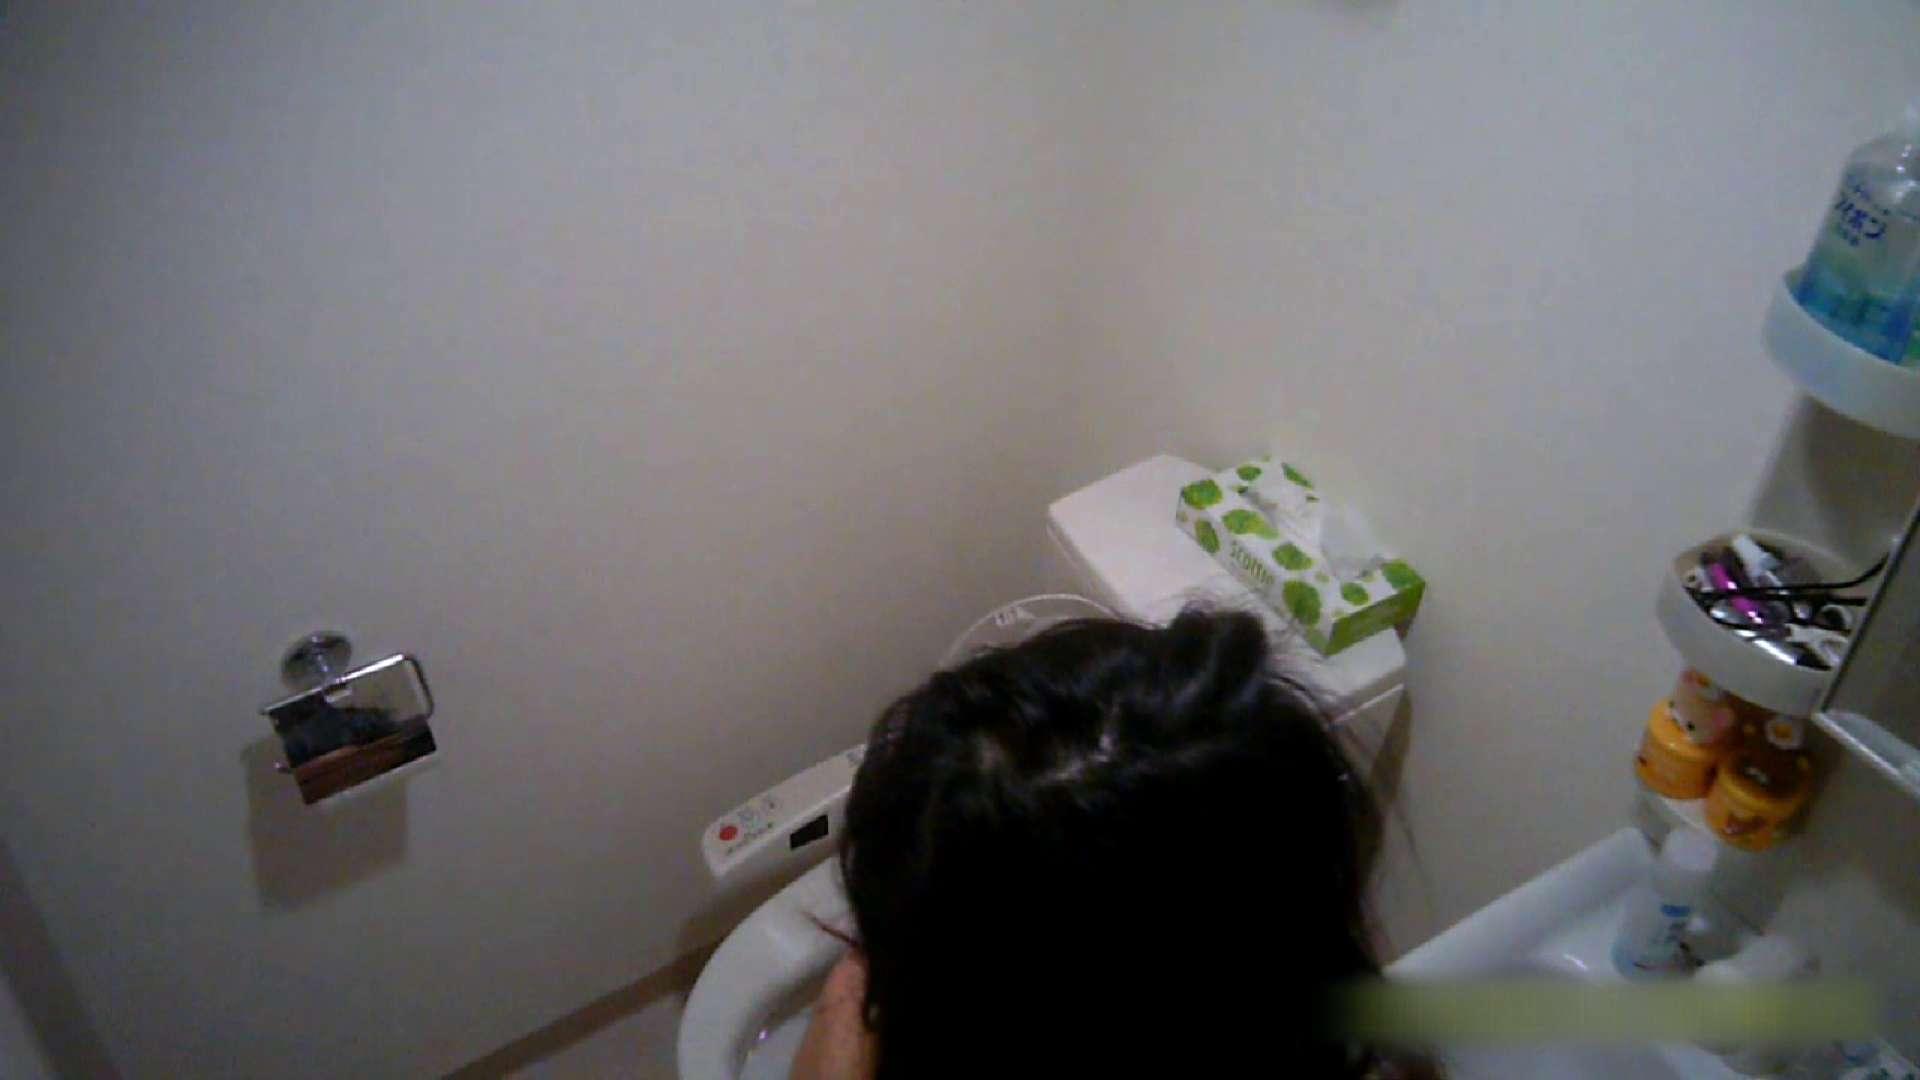 清楚な顔してかなり敏感なE子25歳(仮名)Vol.05 裸でトイレ編 トイレ中 | OL  68連発 47